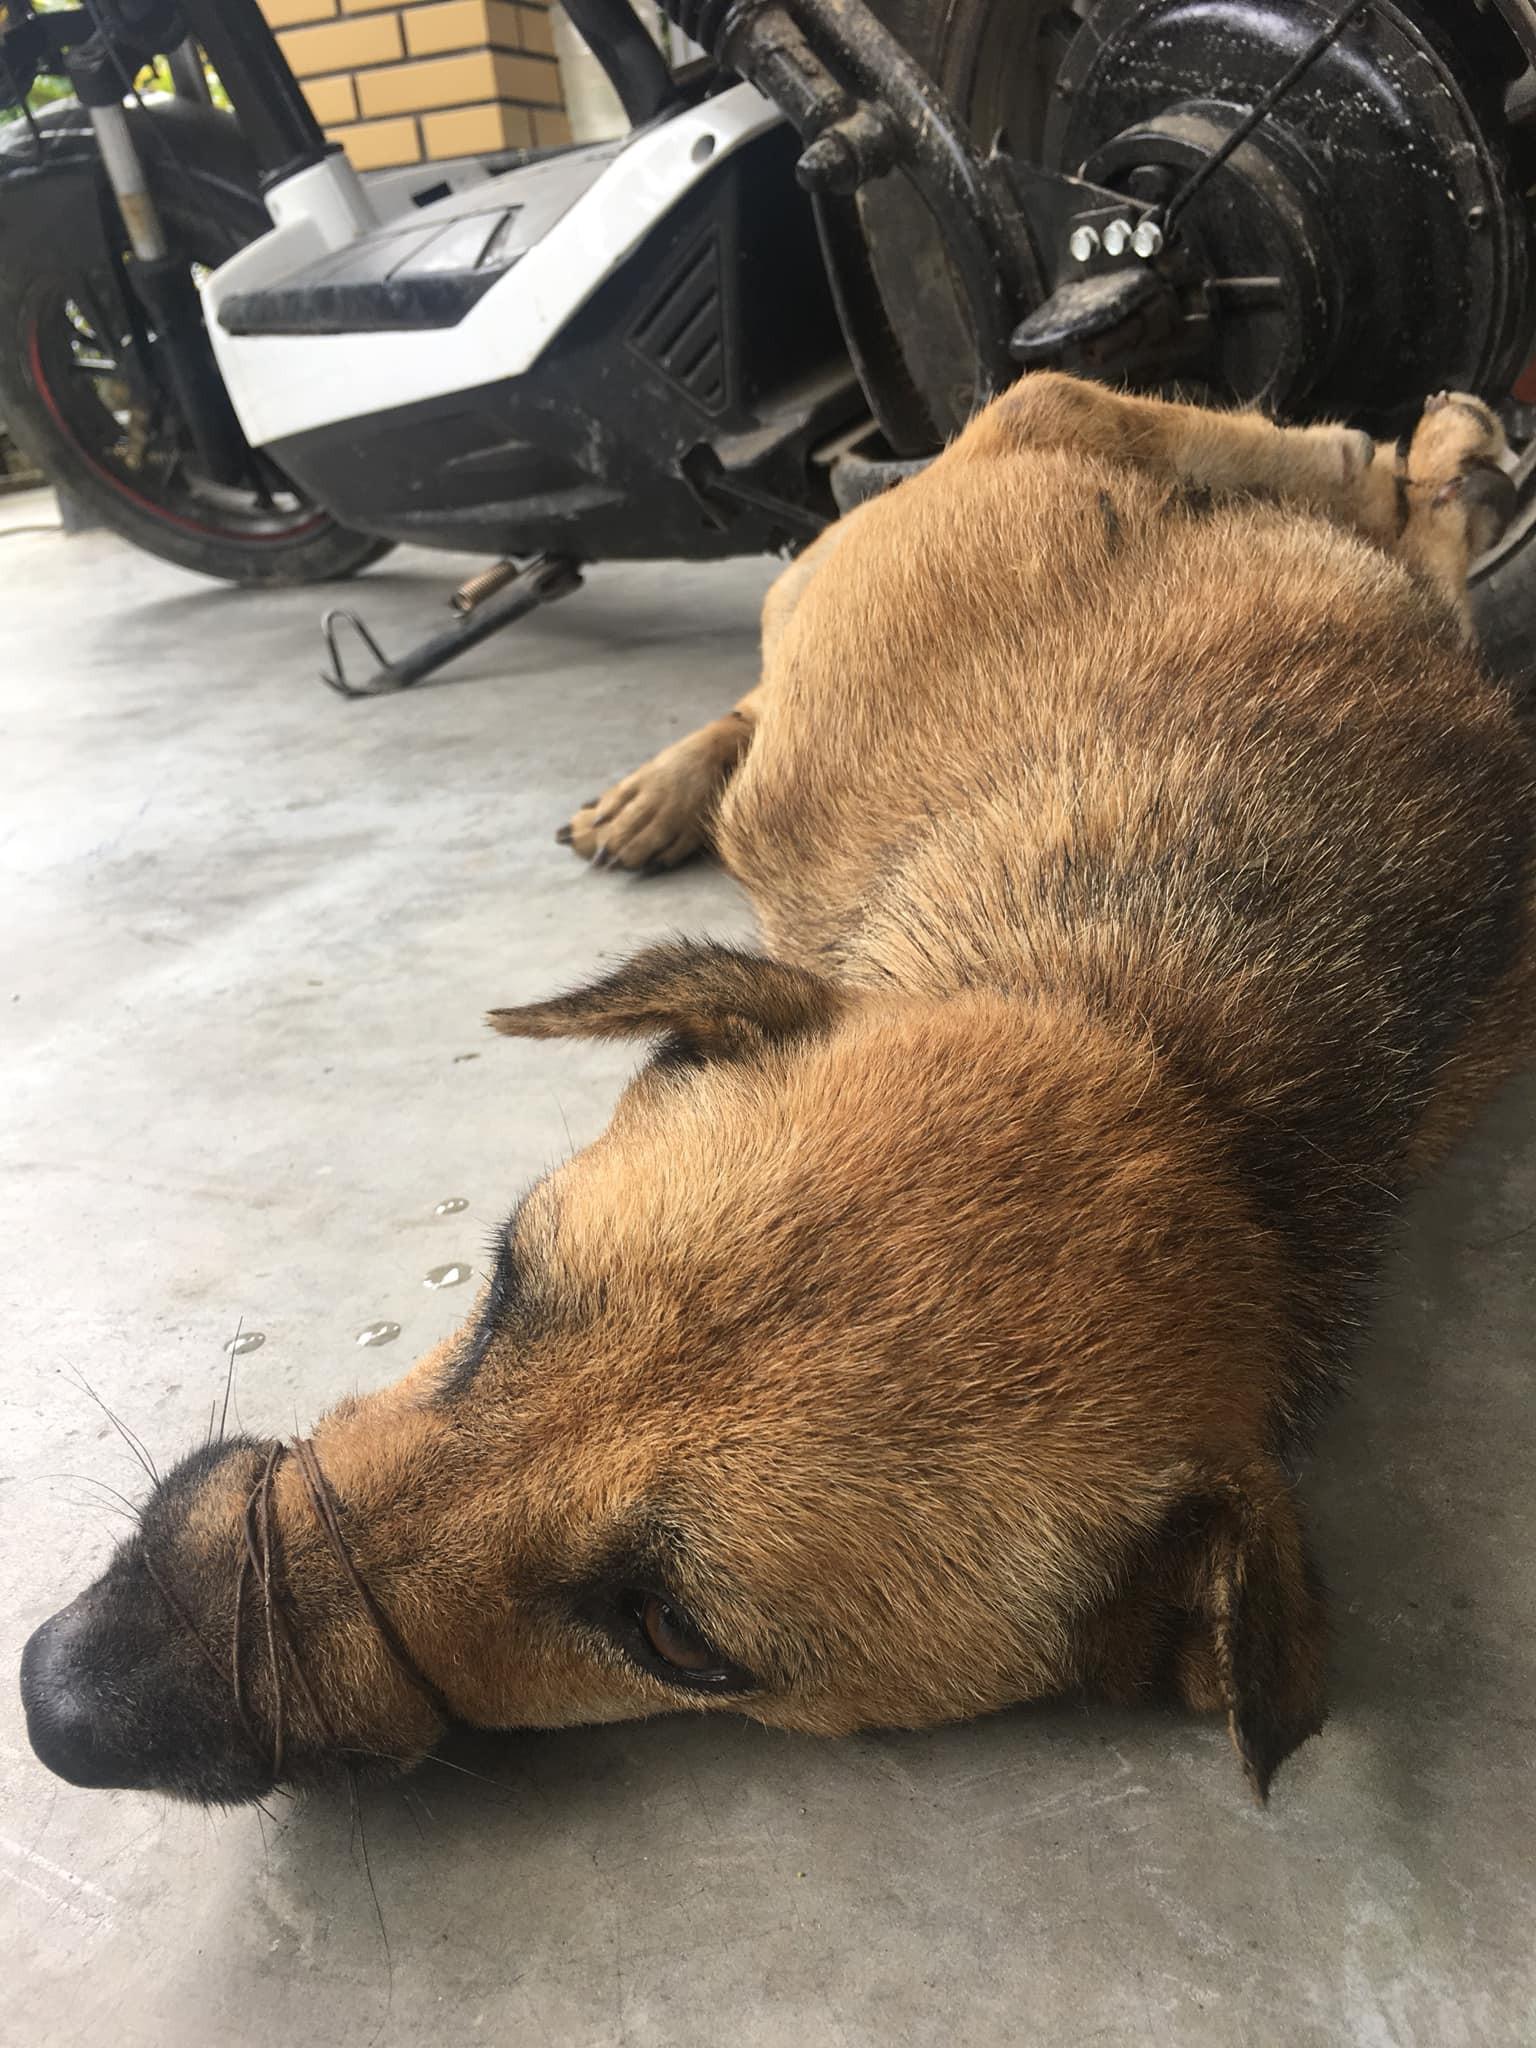 Ánh mắt buồn thiu của chú chó bị trói chân, buộc mõm trước khi bị làm thịt khiến nhiều người xót xa-2